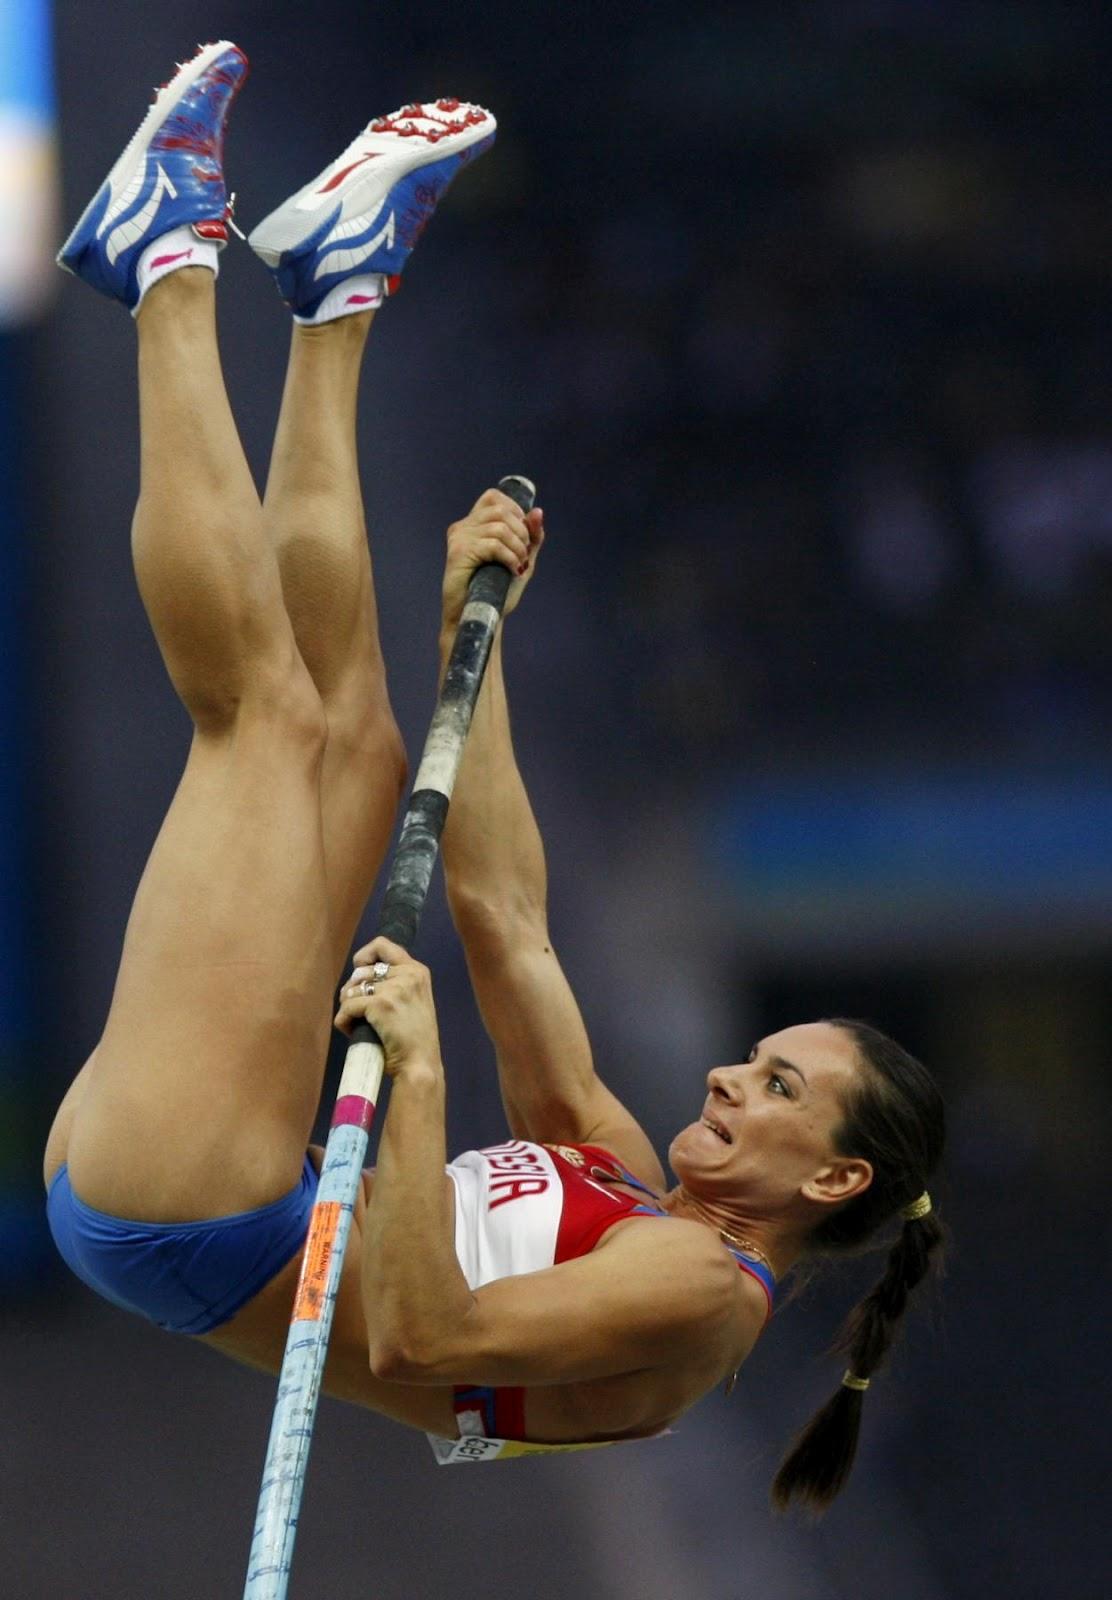 http://4.bp.blogspot.com/-ngzTsacRUto/UCN7NUqAfzI/AAAAAAAAMBk/IDBUfDqgqpg/s1600/Yelena+Gadzhievna+Isinbayeva+(8).jpg